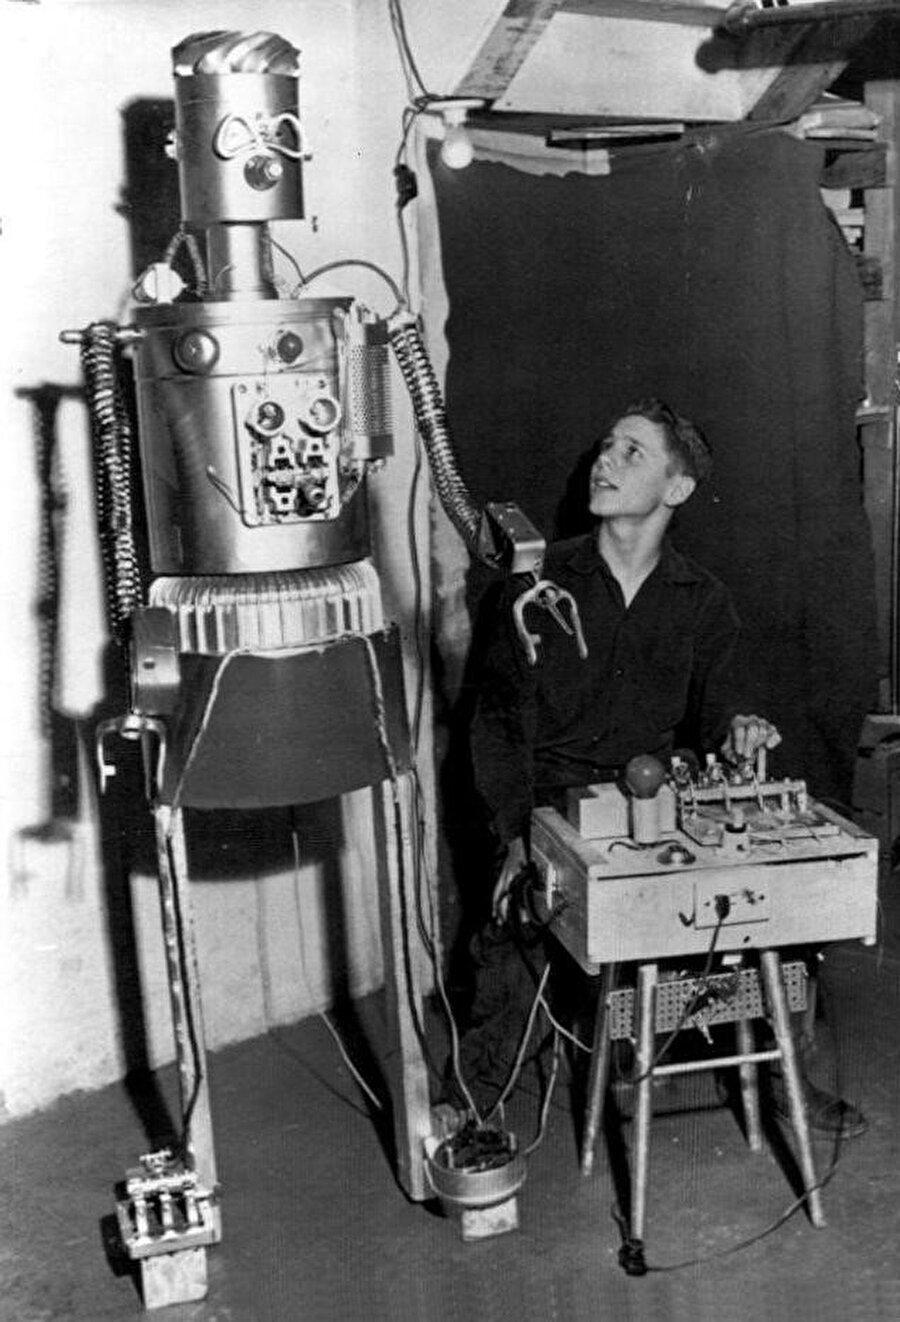 """17 Nisan 1954 Hürriyet gazetesinin haberine göre: 1.70 metre boyundaki """"Gismo the Peaceful"""" adındaki bu robotu yanında gördüğünüz 12 yaşındaki delikanlı yapmıştır."""